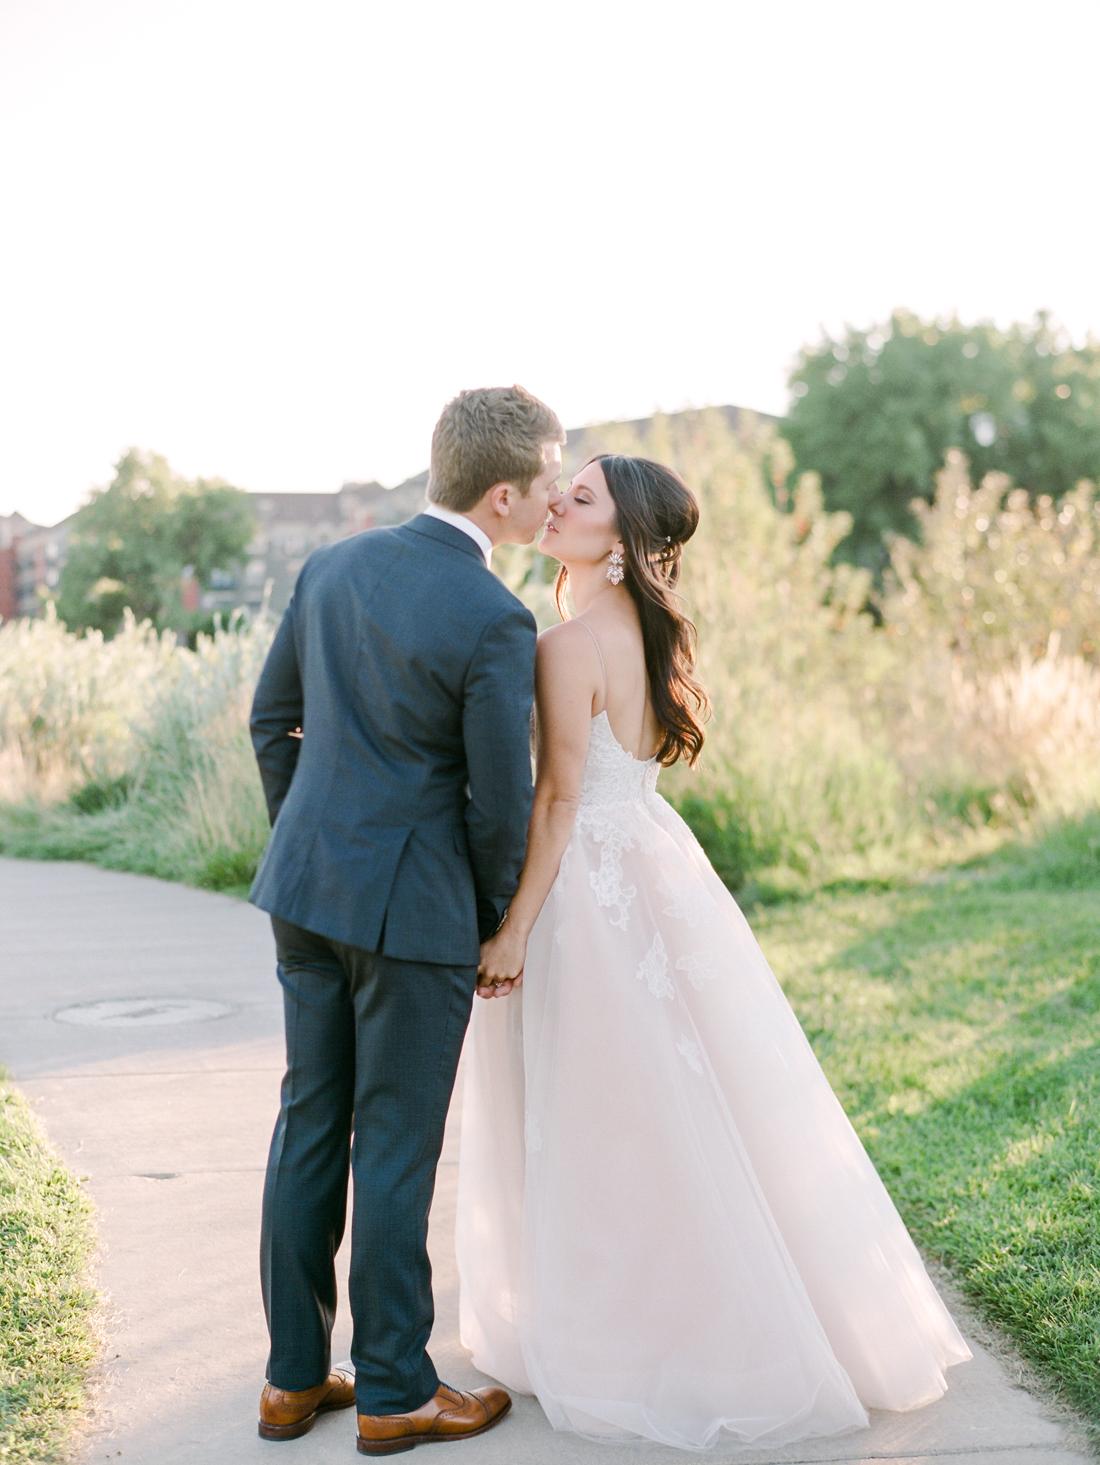 Kristin_Brett_TheKitchen_Denver_Wedding_by_Connie_Whitlock_web_295.jpg